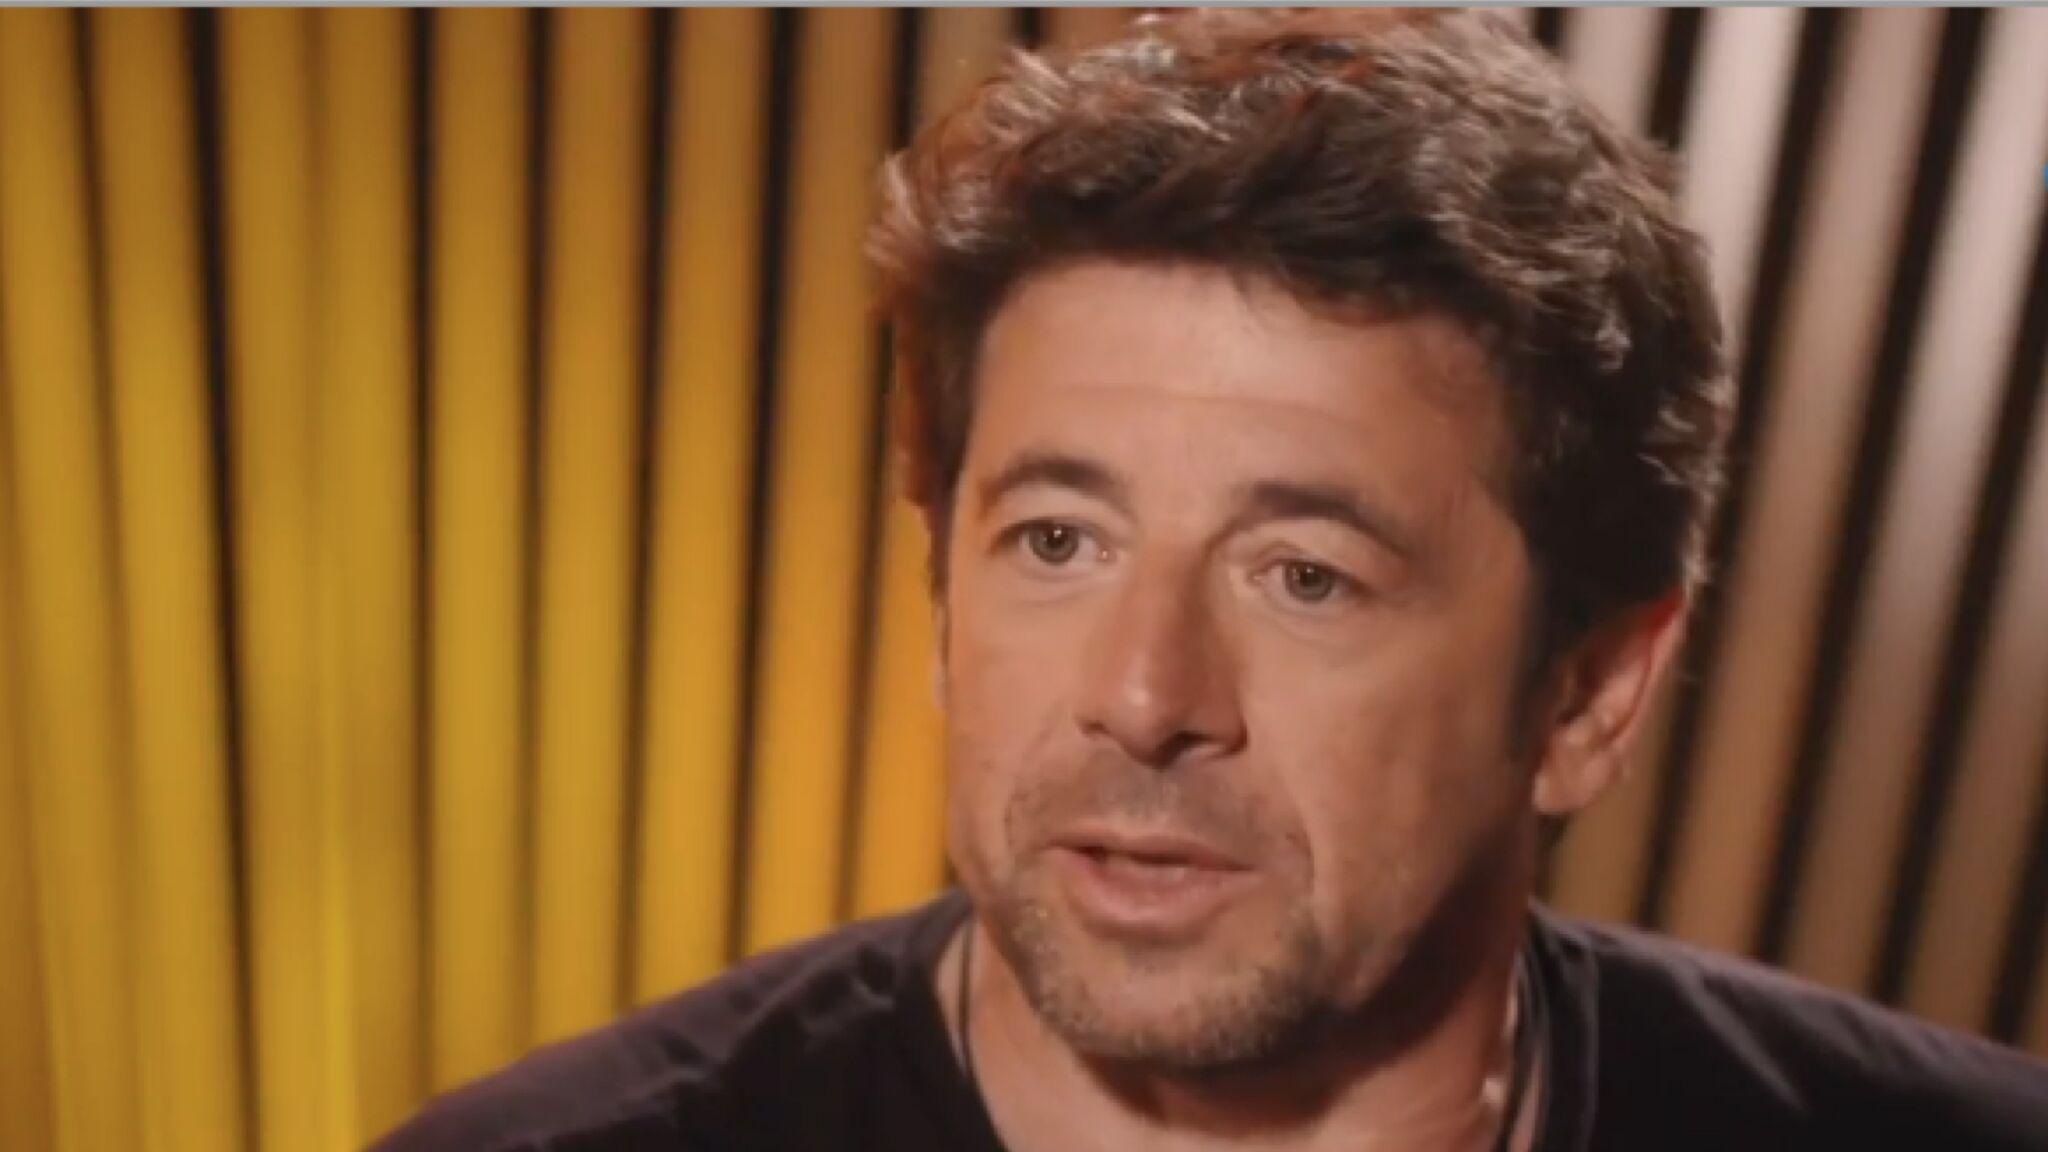 VIDEO Patrick Bruel : ce sale coup du monde du cinéma français qu'il n'a toujours pas digéré